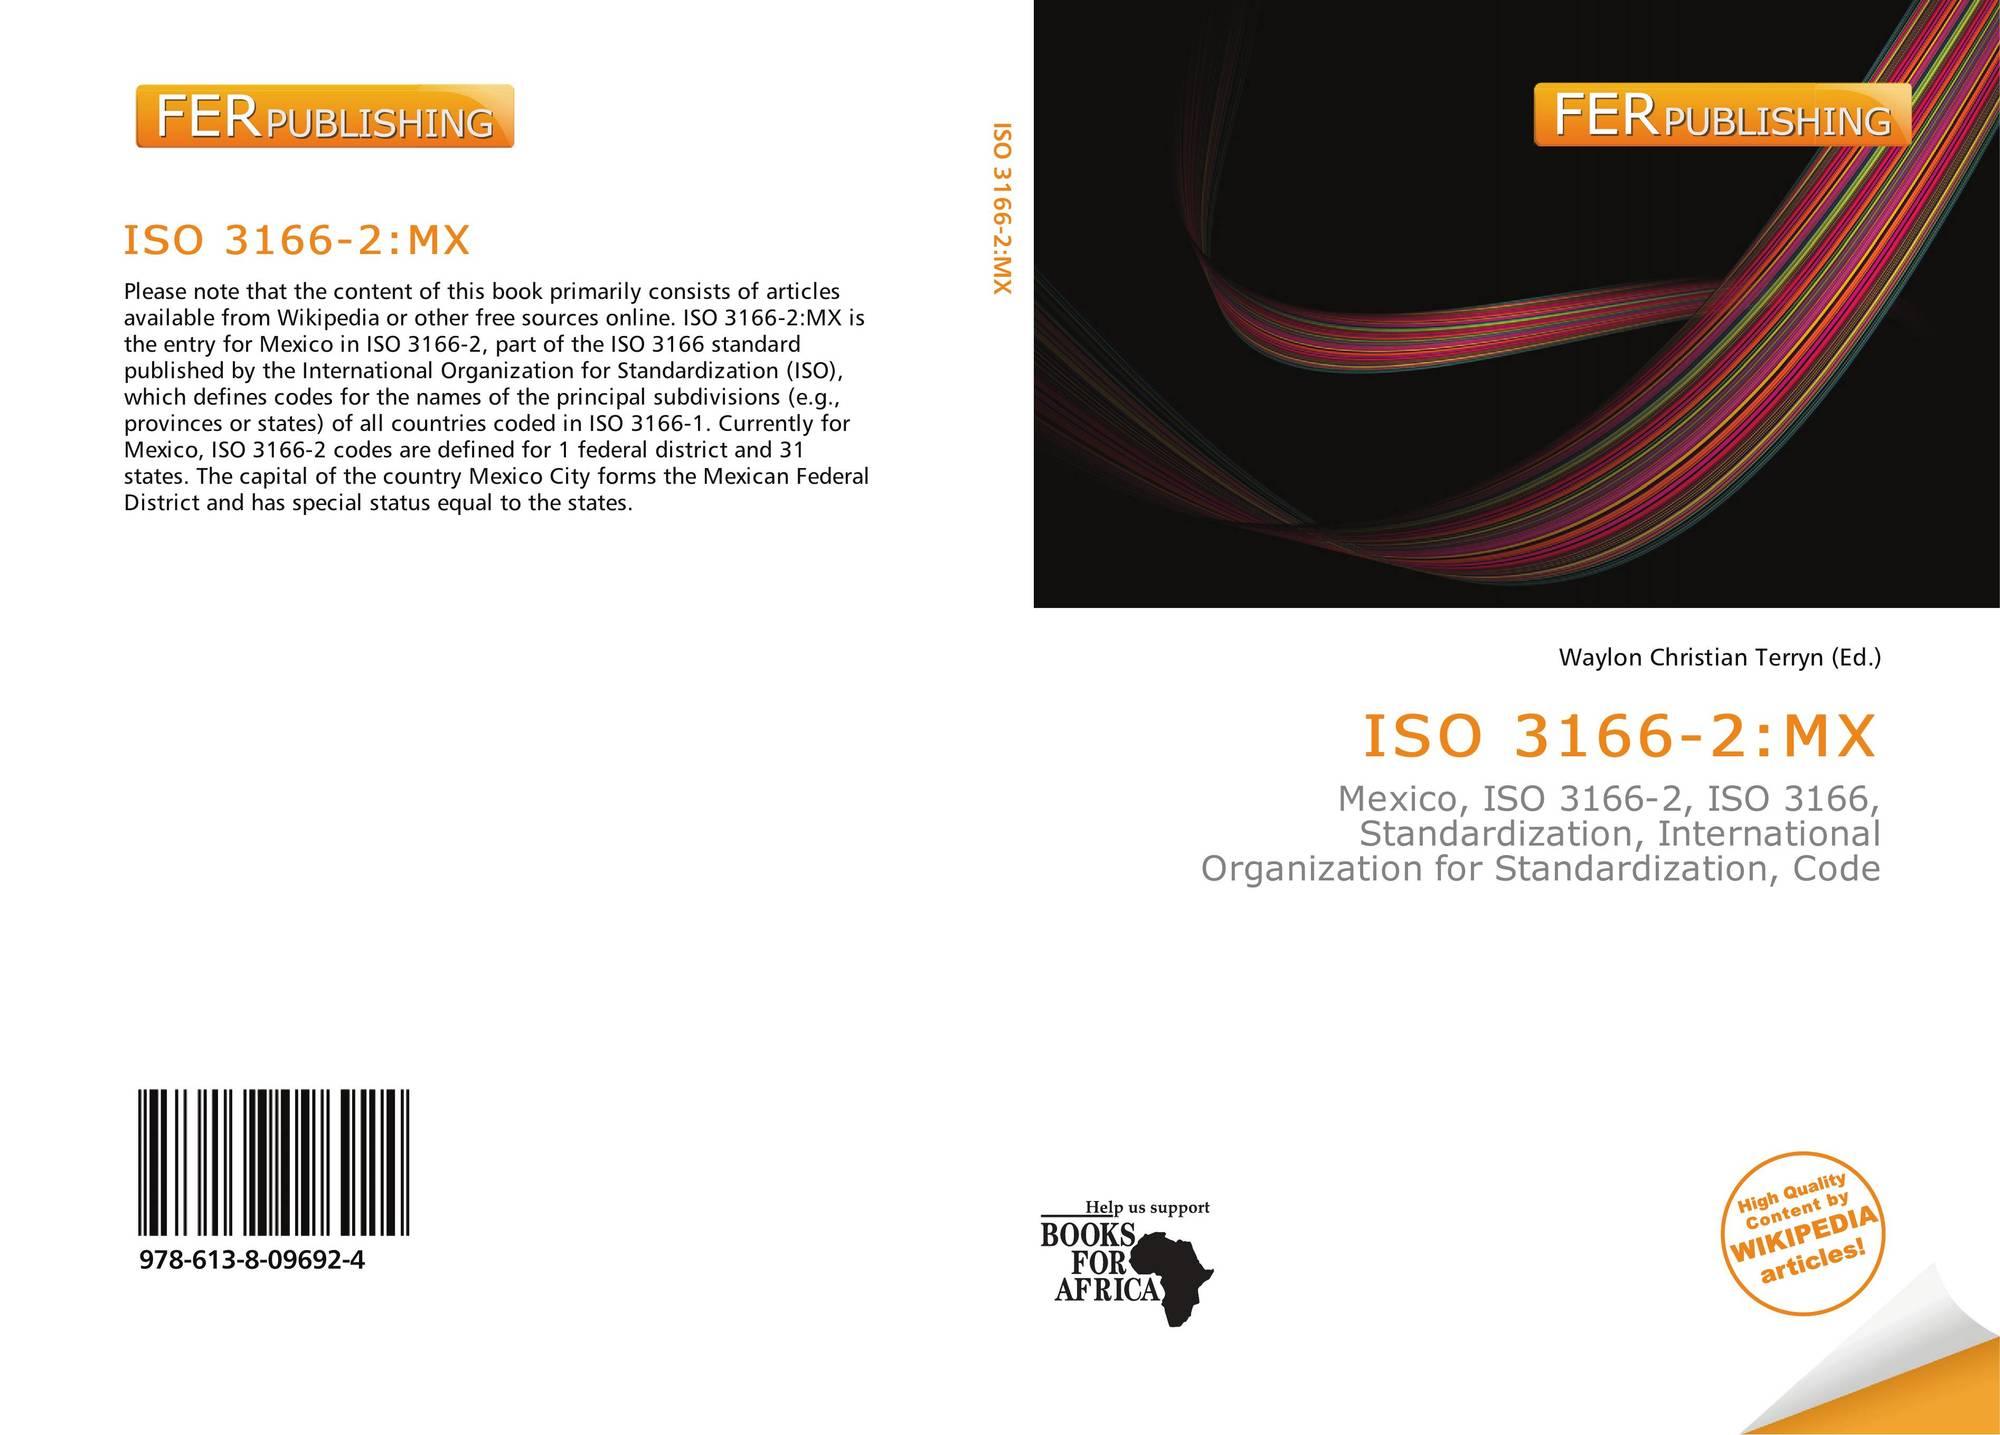 ISO 3166-2:AZ